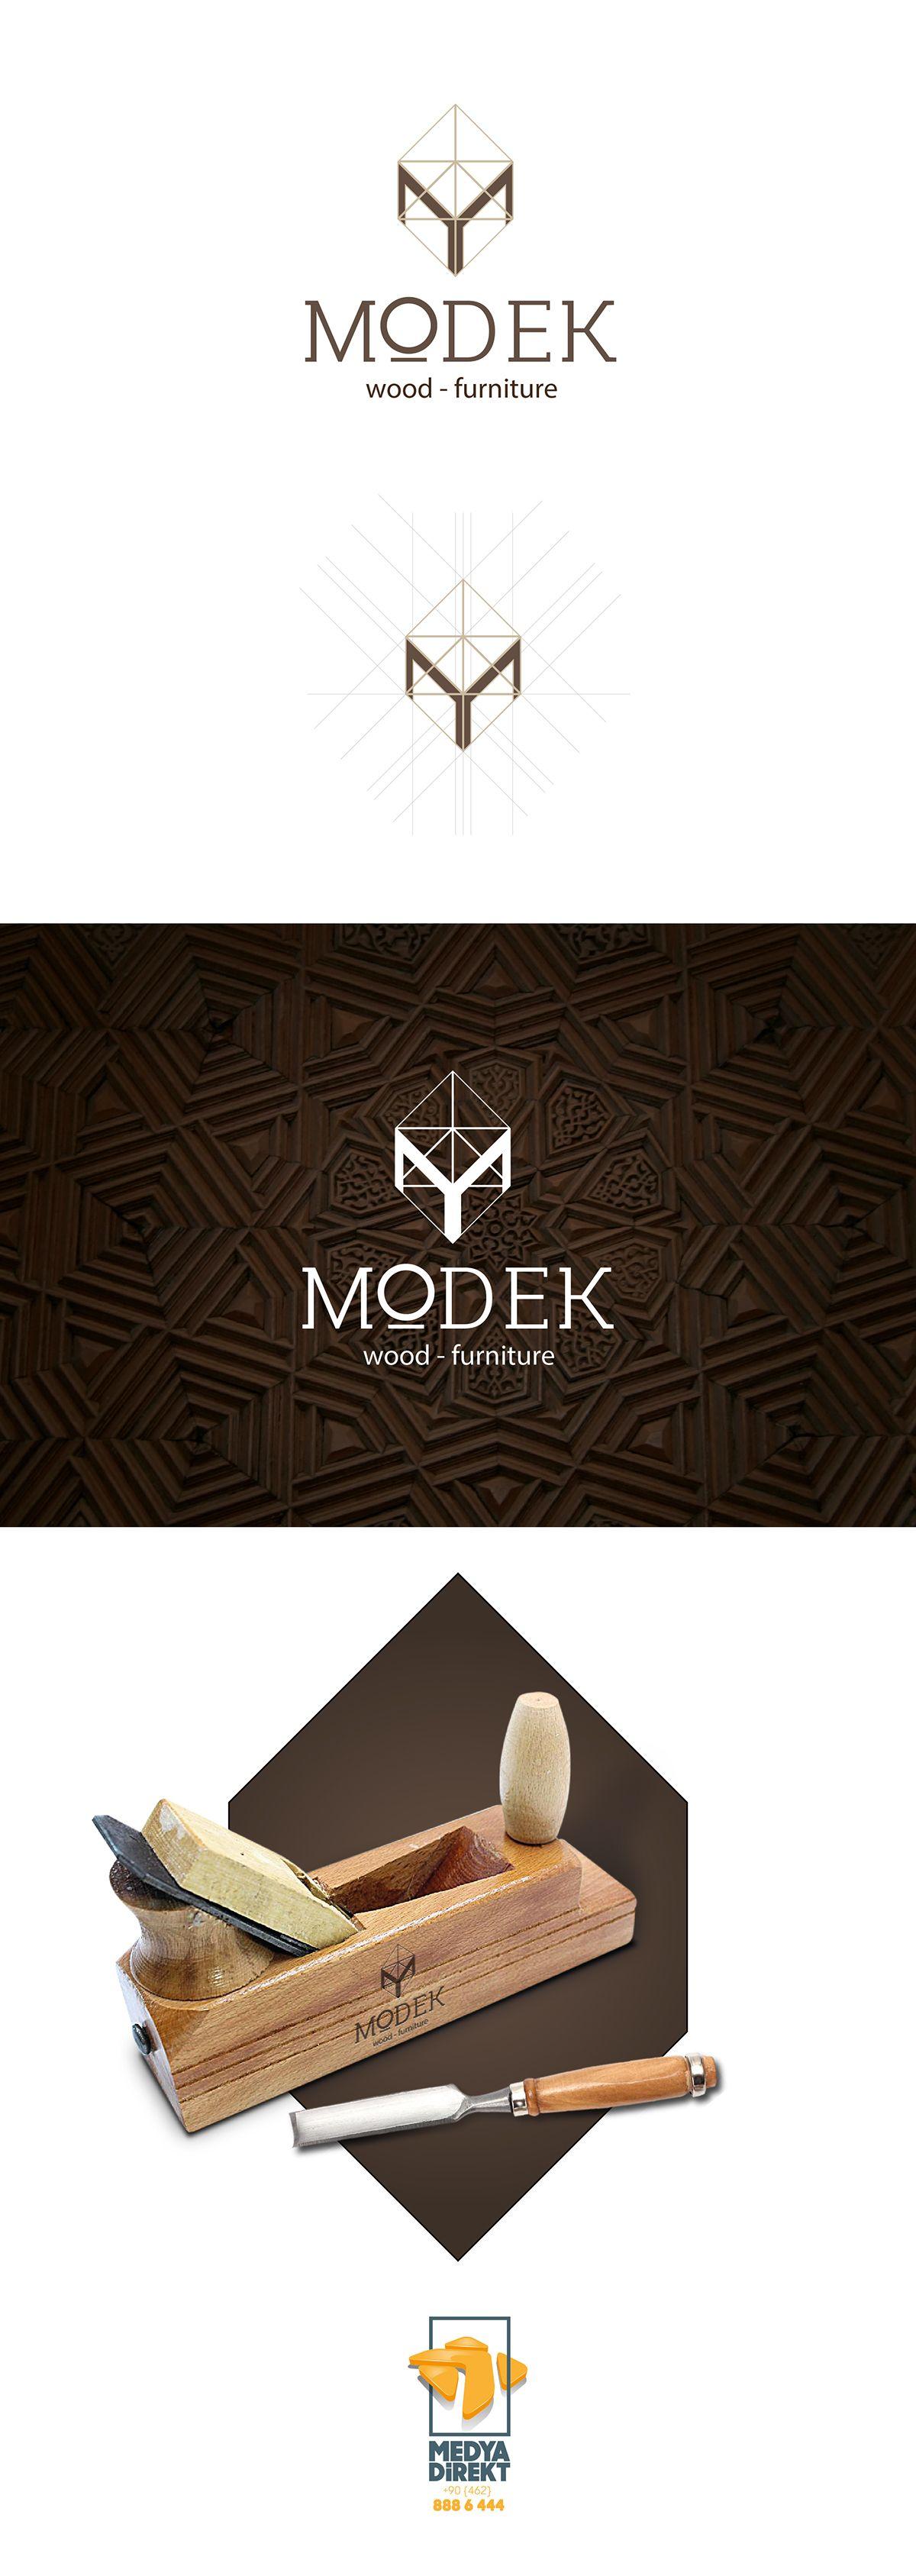 Furniture Logo Ideas On Modek Wood Furniture Logo Design On Behance More u2026 Brand Idu2026